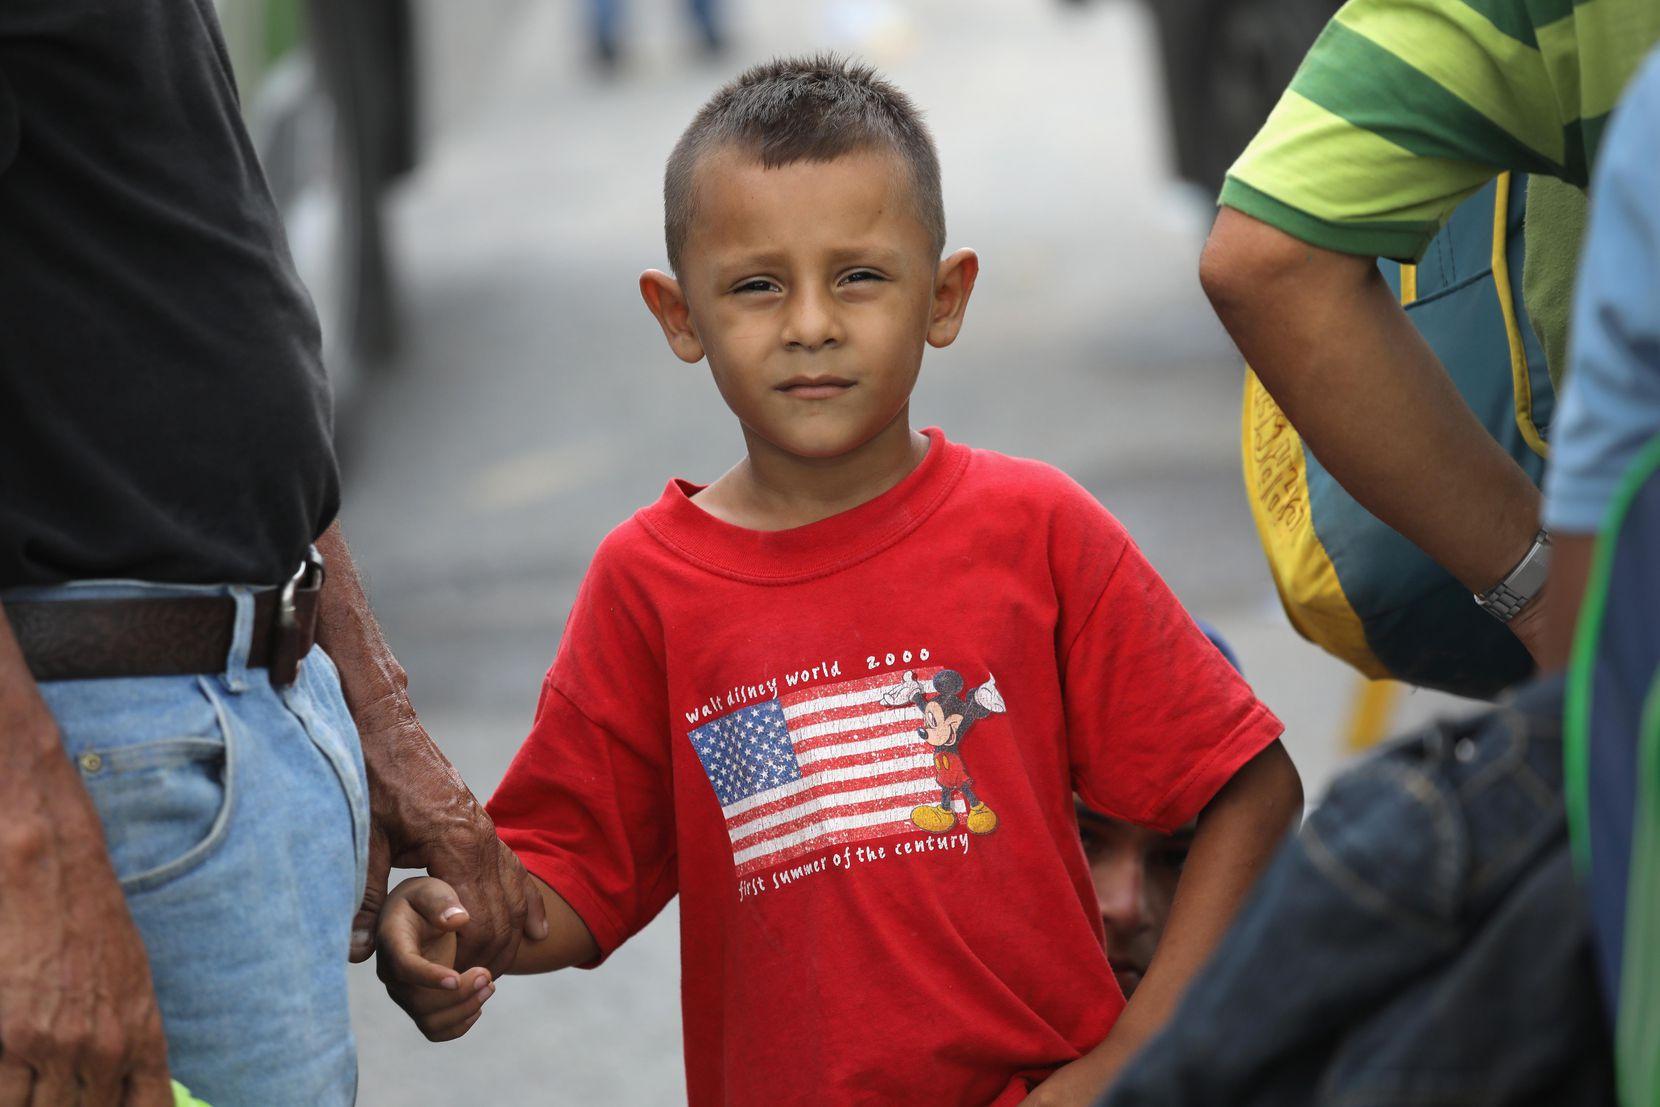 David Cortez, de 7 años, junto a su padre, es parte de una caravana de cientos de migrantes que quieren cruzar a Estados Unidos. GETTY IMAGES